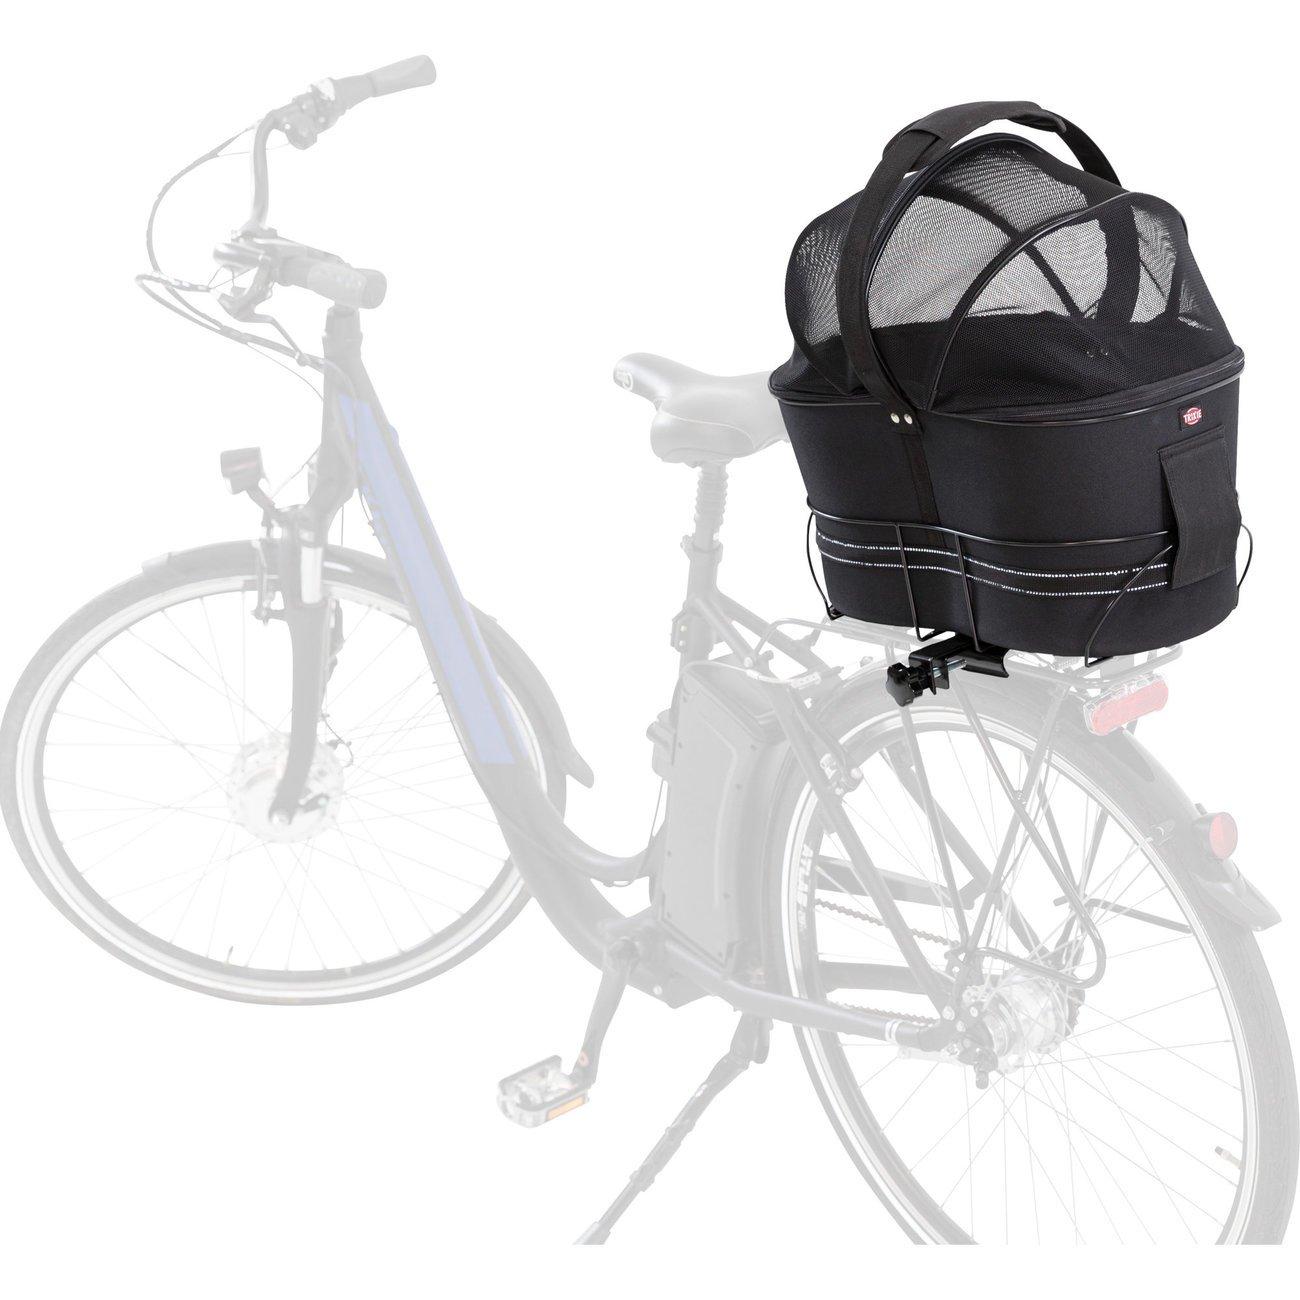 TRIXIE Hunde-Fahrradkorb für schmale Gepäckträger 13111, Bild 9